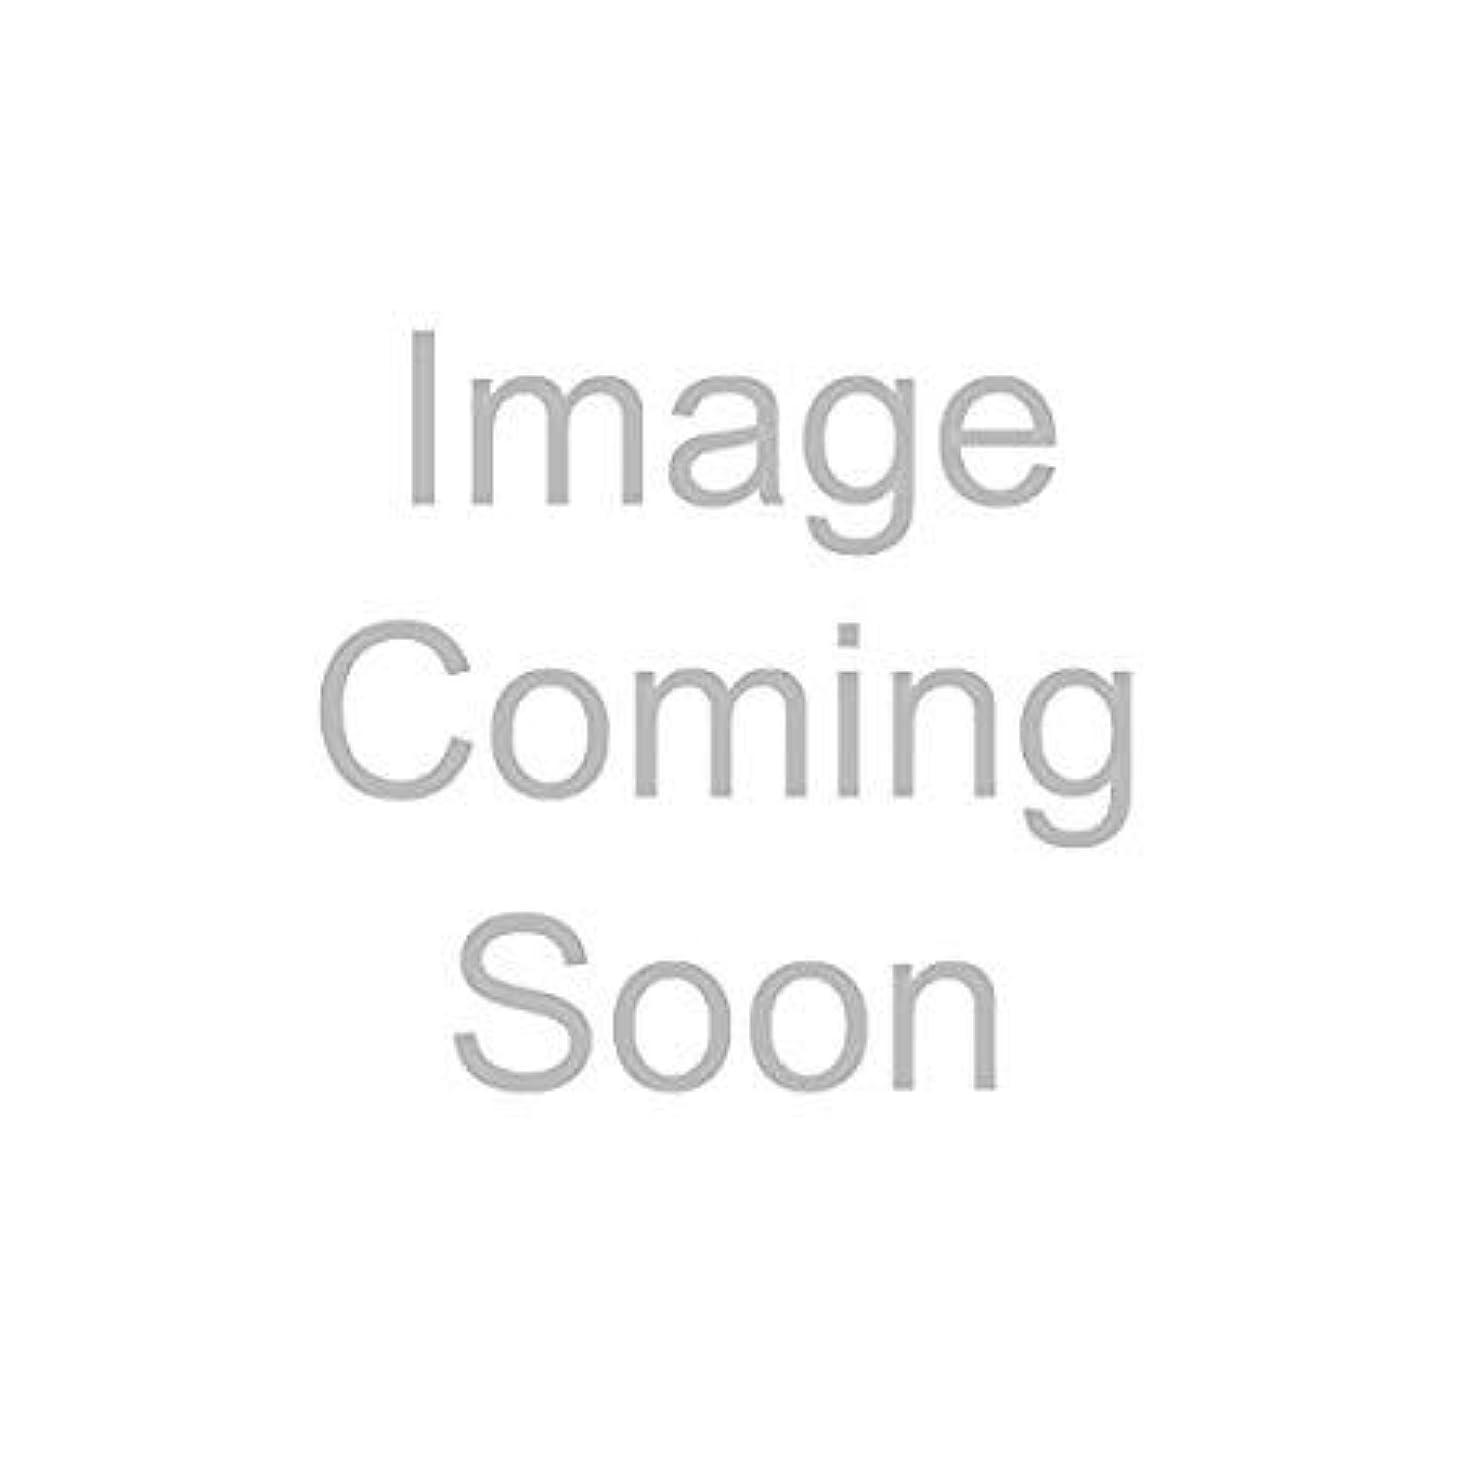 エスティローダー デイウェアアドバンスドマルチプロテクションアンチオキシダントクリームSPF15(ドライスキン用) 50ml/1.7oz